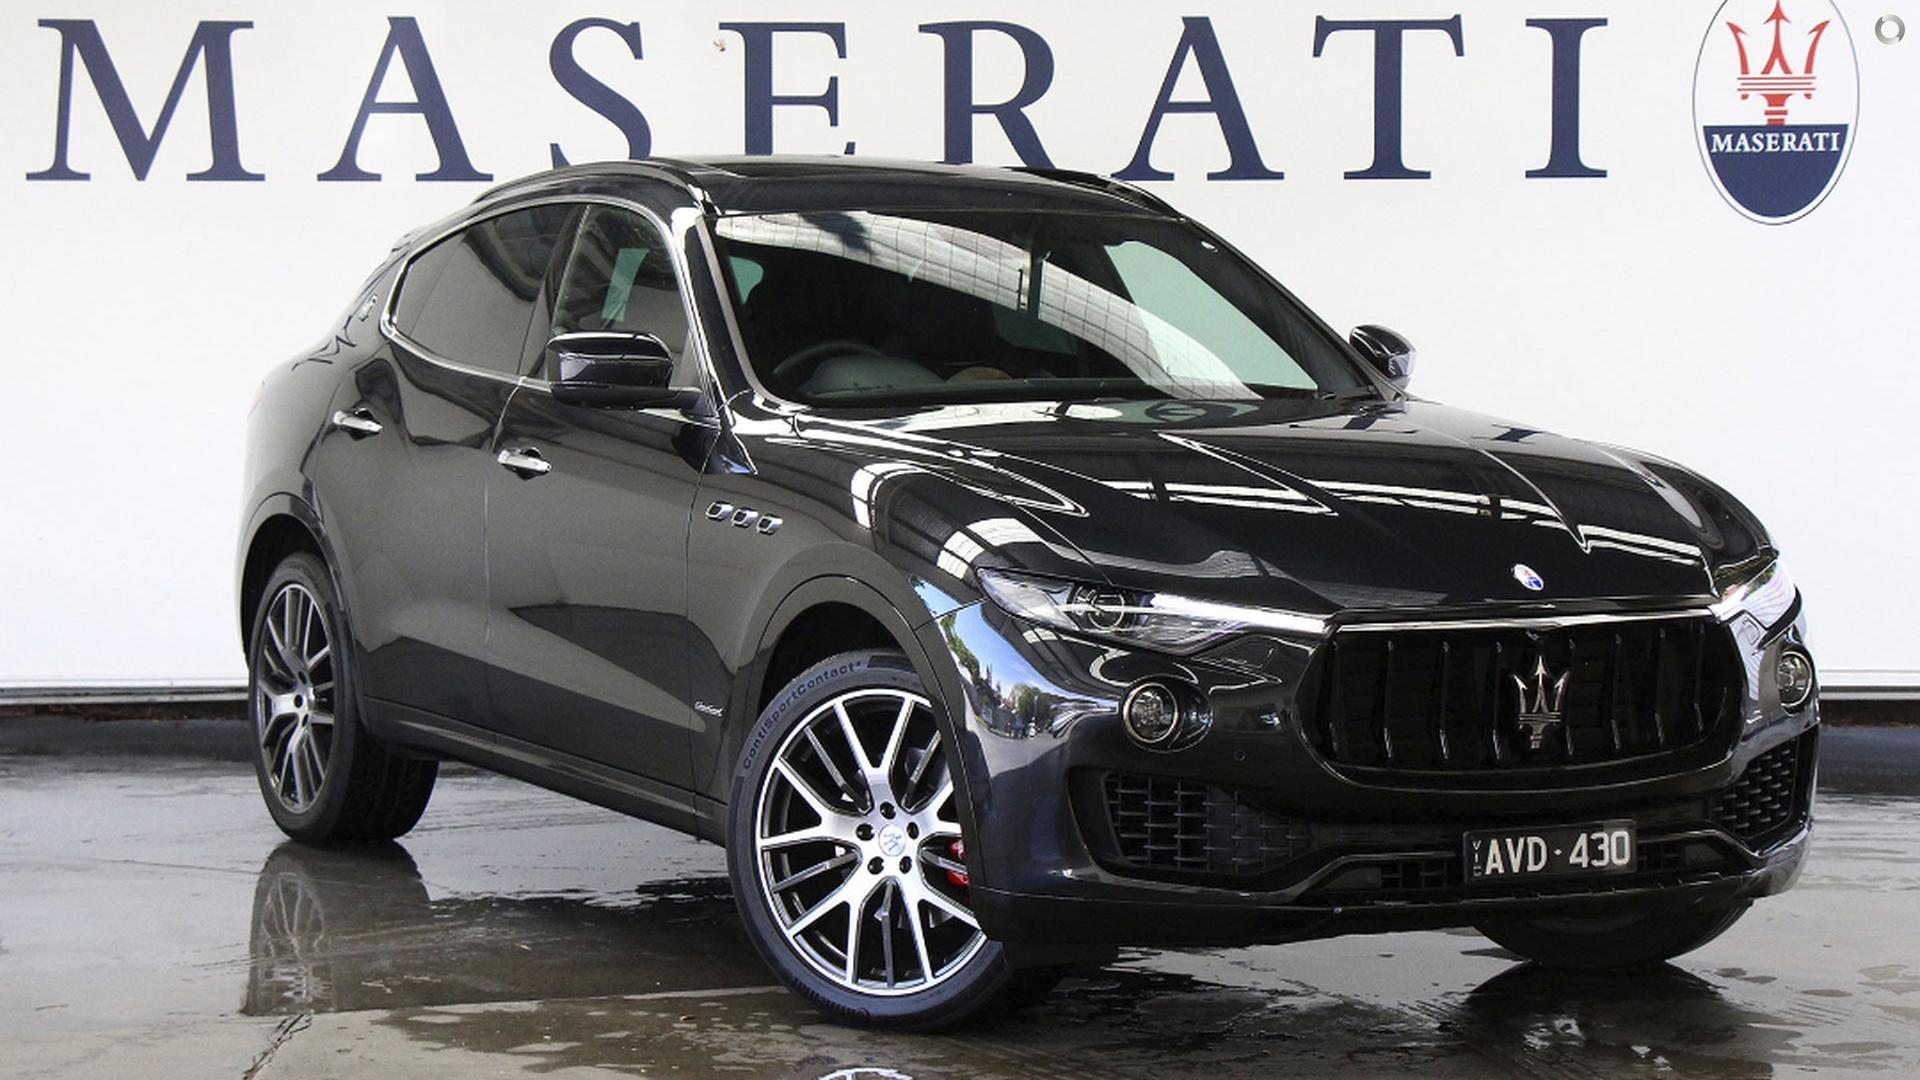 2018 Maserati Levante GranSport M157